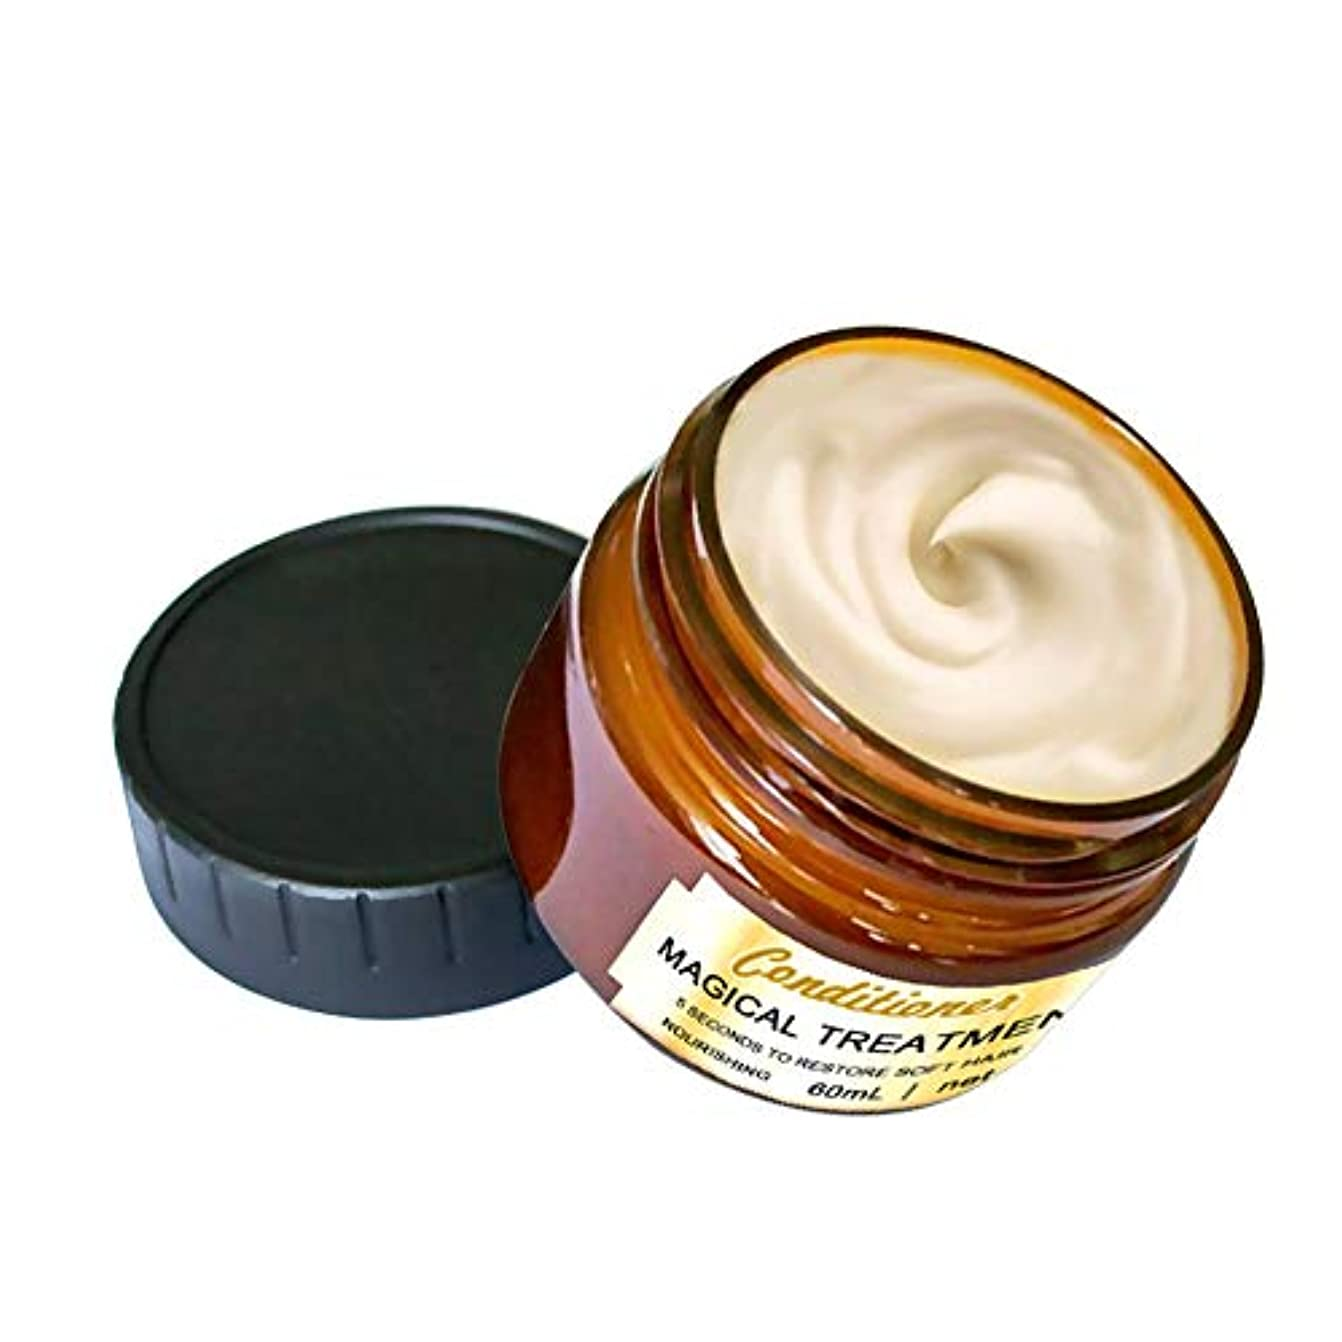 引用合唱団配管コンディショナー ヘアケアコンディショナー ヘアデトキシファイングヘアマスク 高度な分子 毛根治療の回復 乾燥または損傷した髪と頭皮の治療のための髪の滑らかなしなやか (A 60 ml)